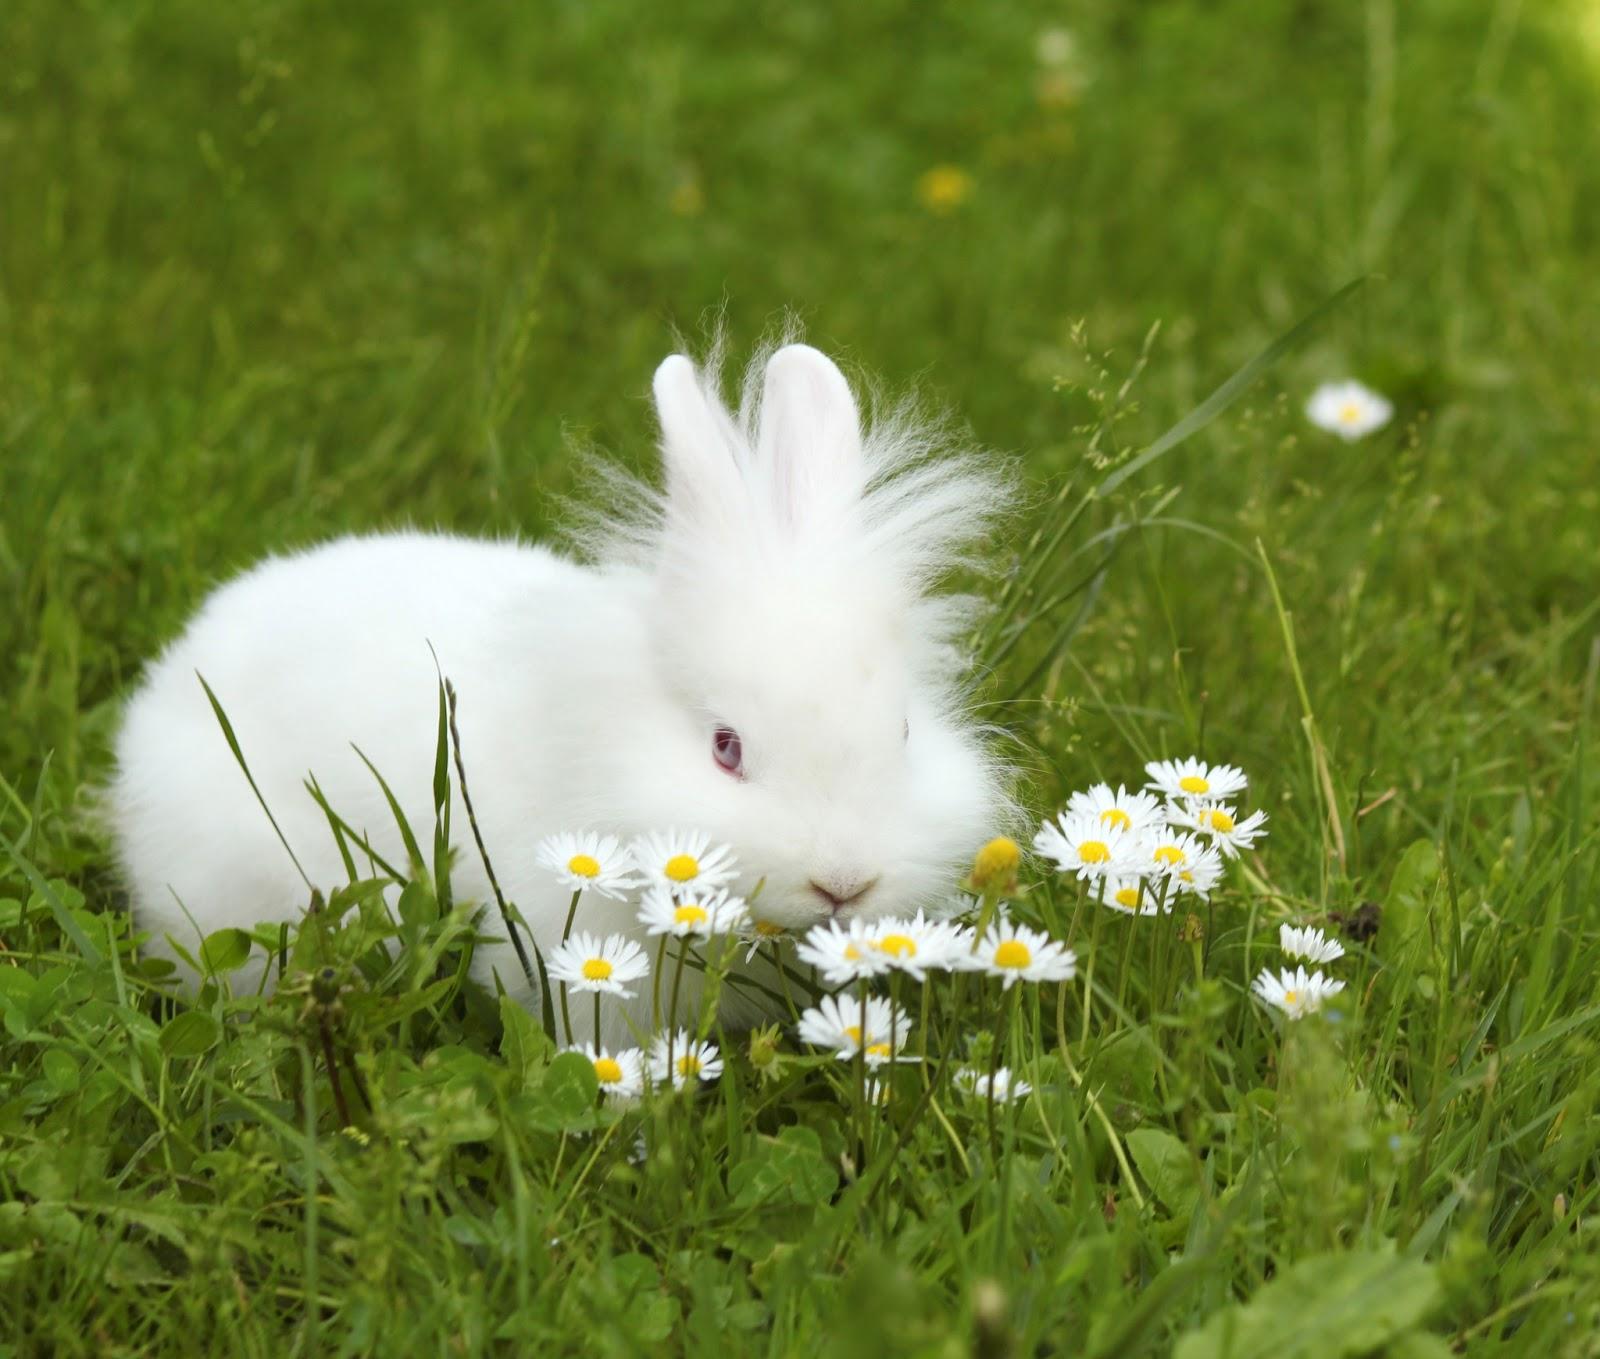 mascotas-fotos-de-animales-conejito-muy-lindo-o-rabbit-very-cute.jpg